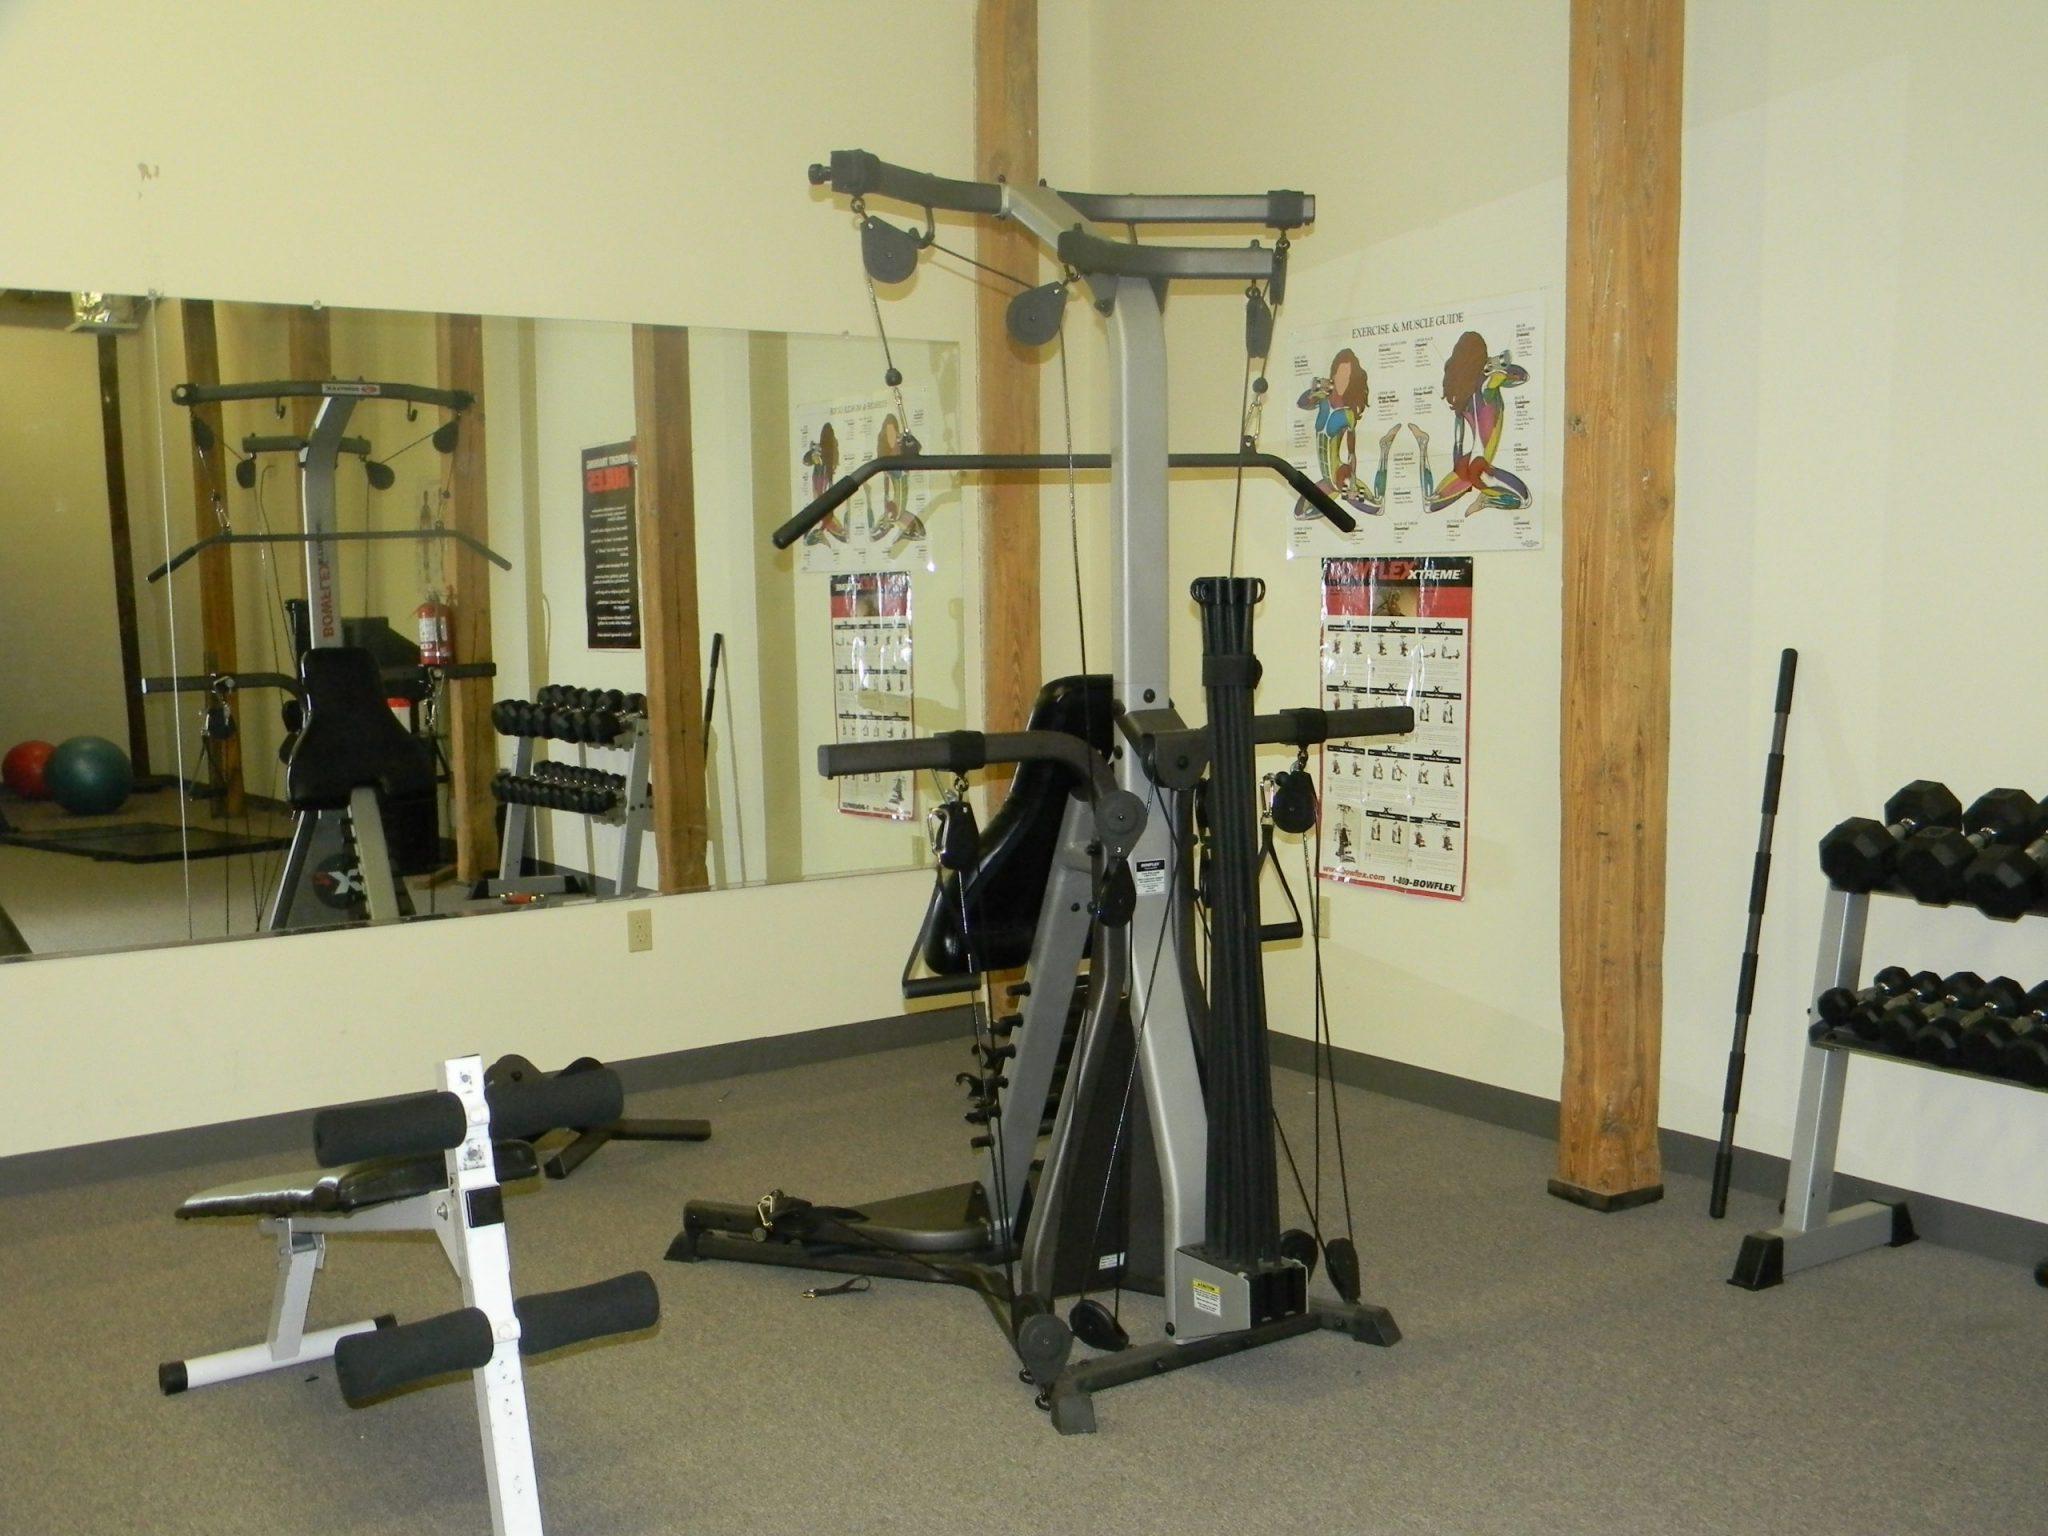 PhoenixPark-GymEquipment